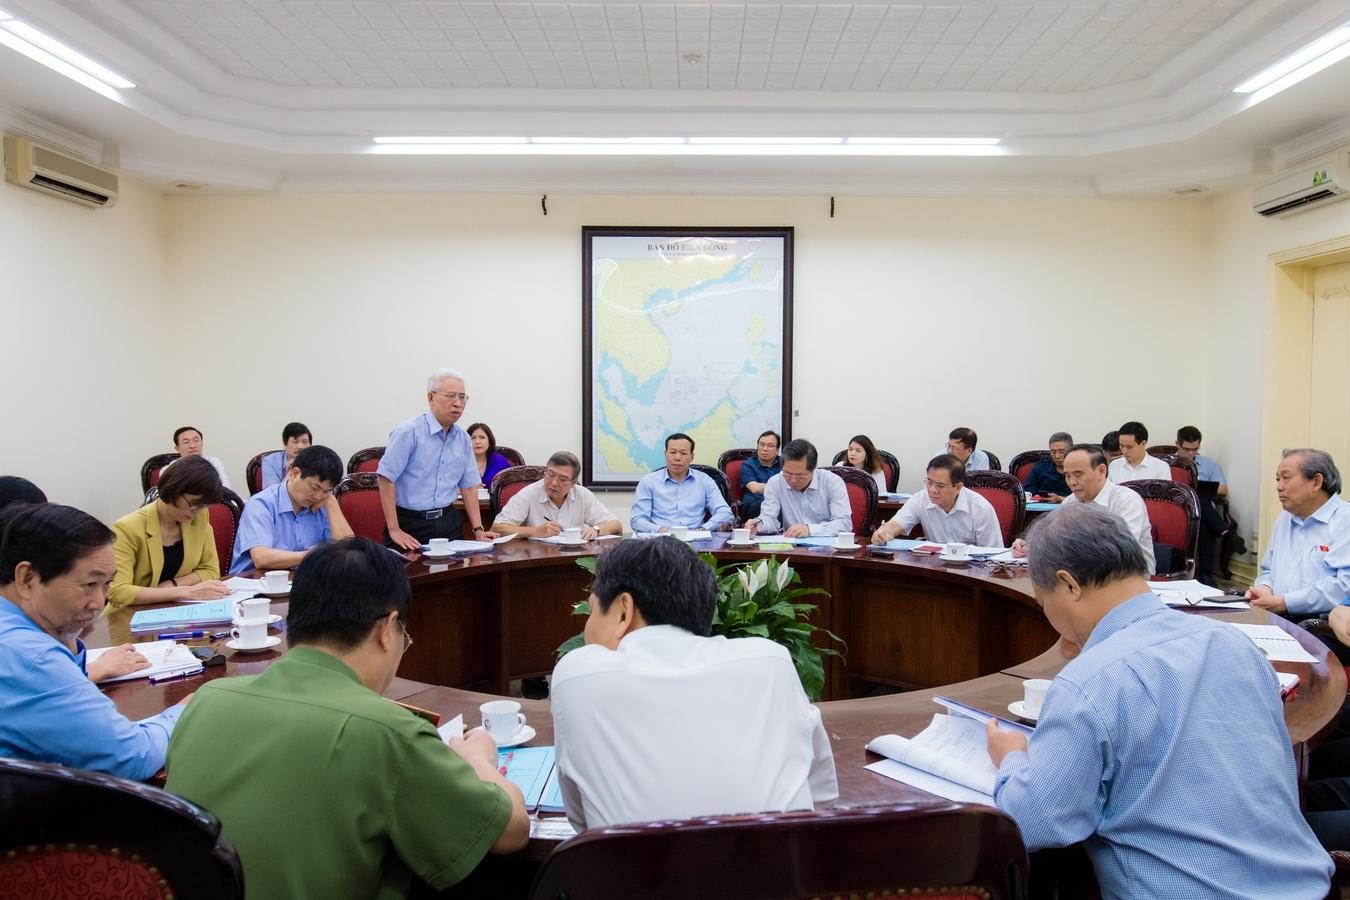 Phó Thủ tướng Thường trực Trương Hòa Bình làm việc với Hội Luật gia Việt Nam về công tác chuẩn bị tổ chức Đại hội đại biểu toàn quốc lần thứ XIII (2019-2024) - Ảnh 2